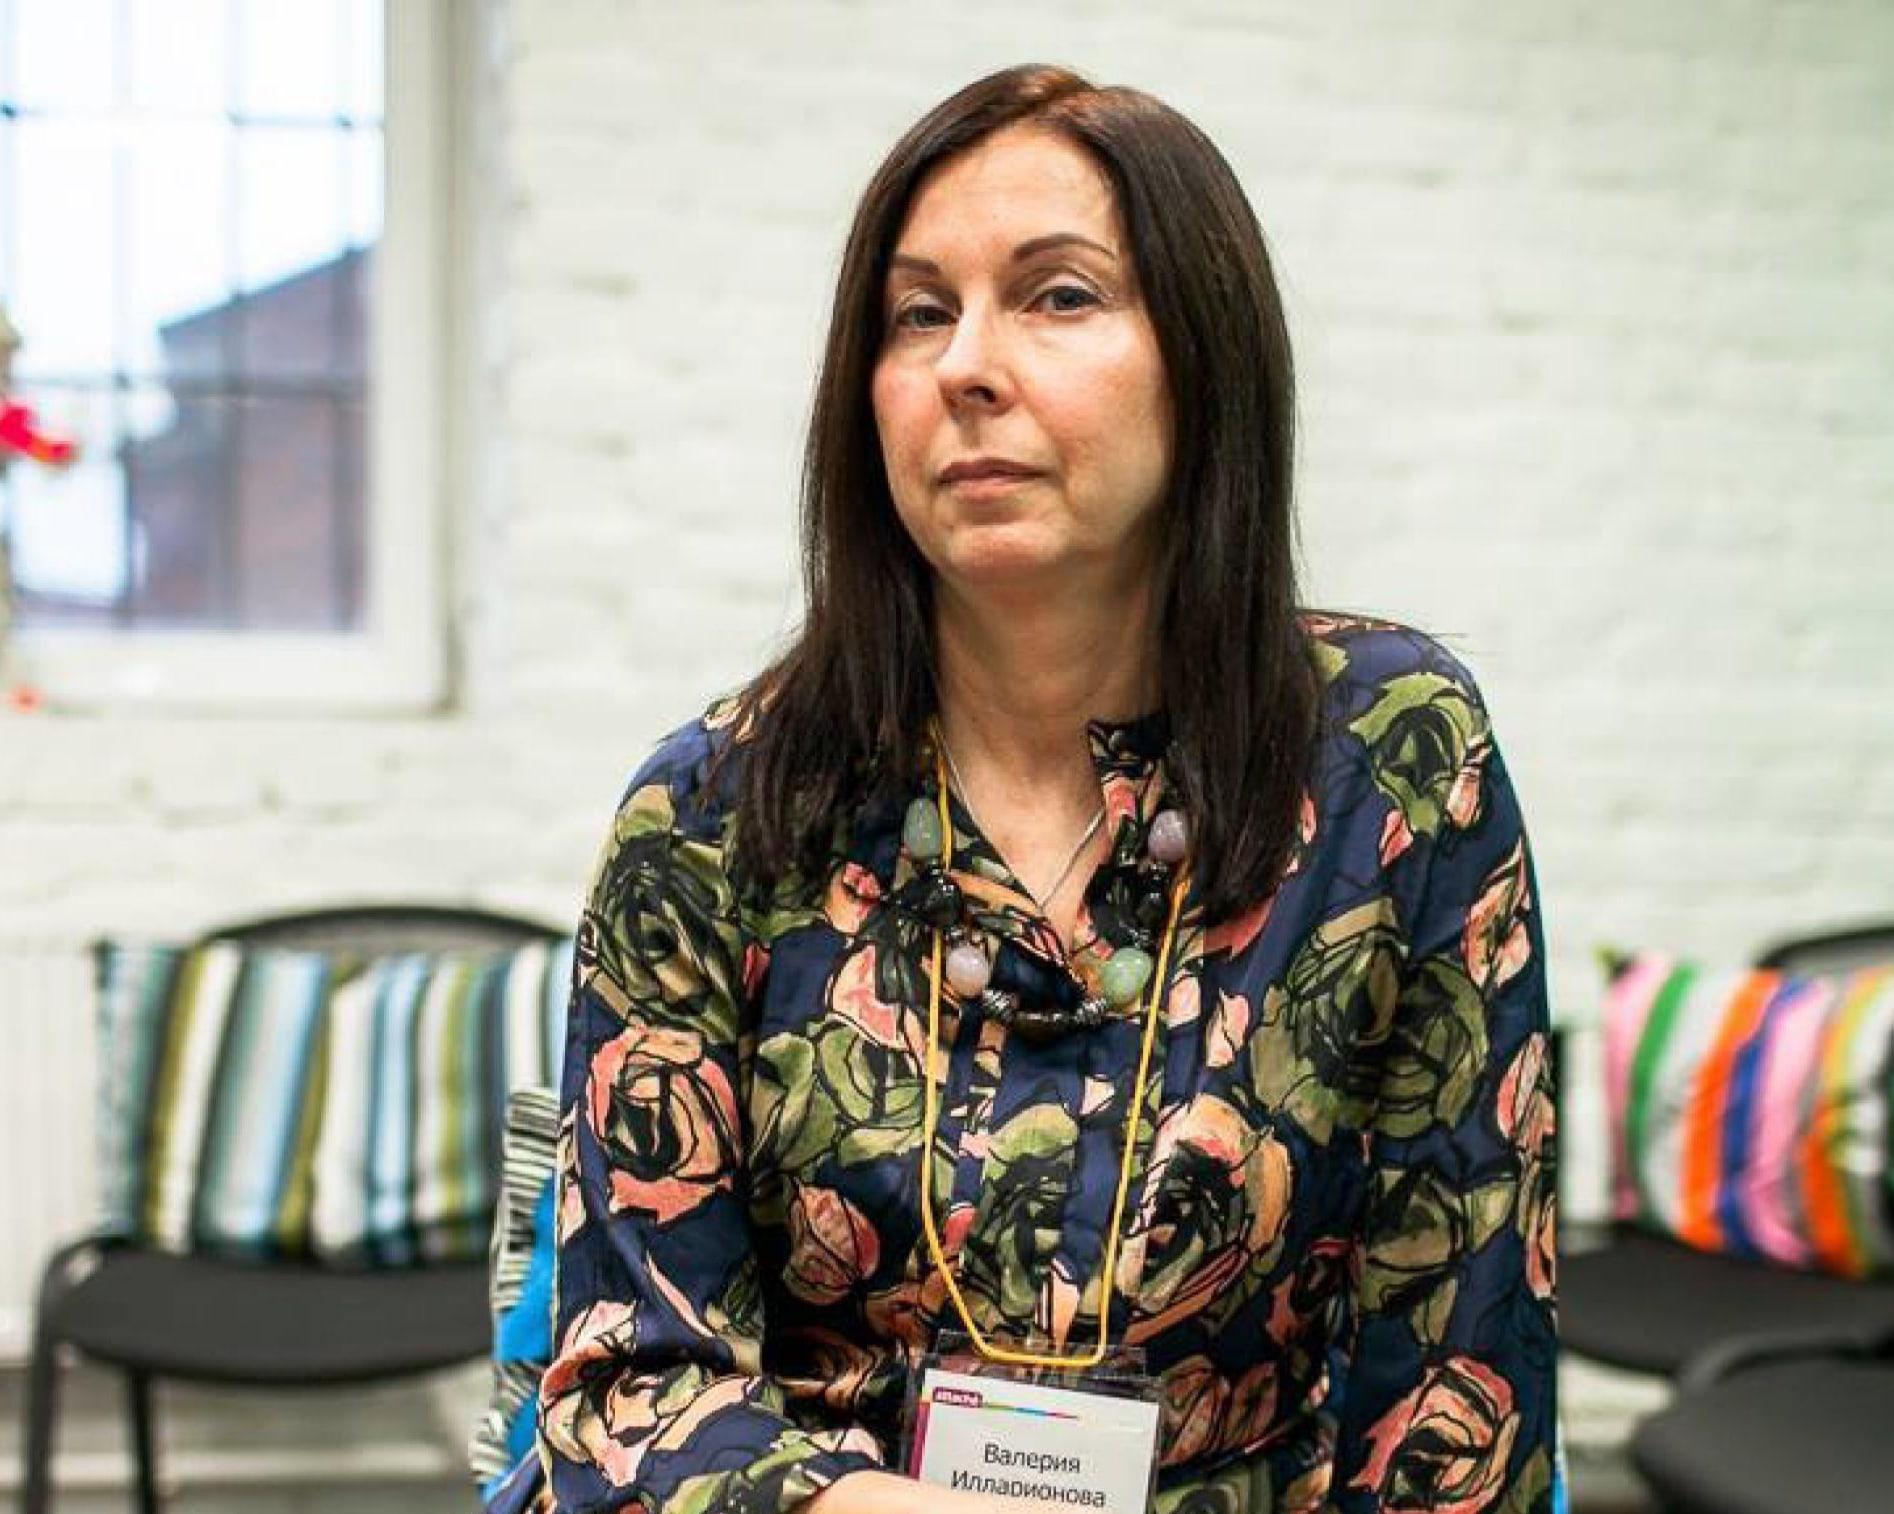 psikholog-valeriya-illarionova-sayt